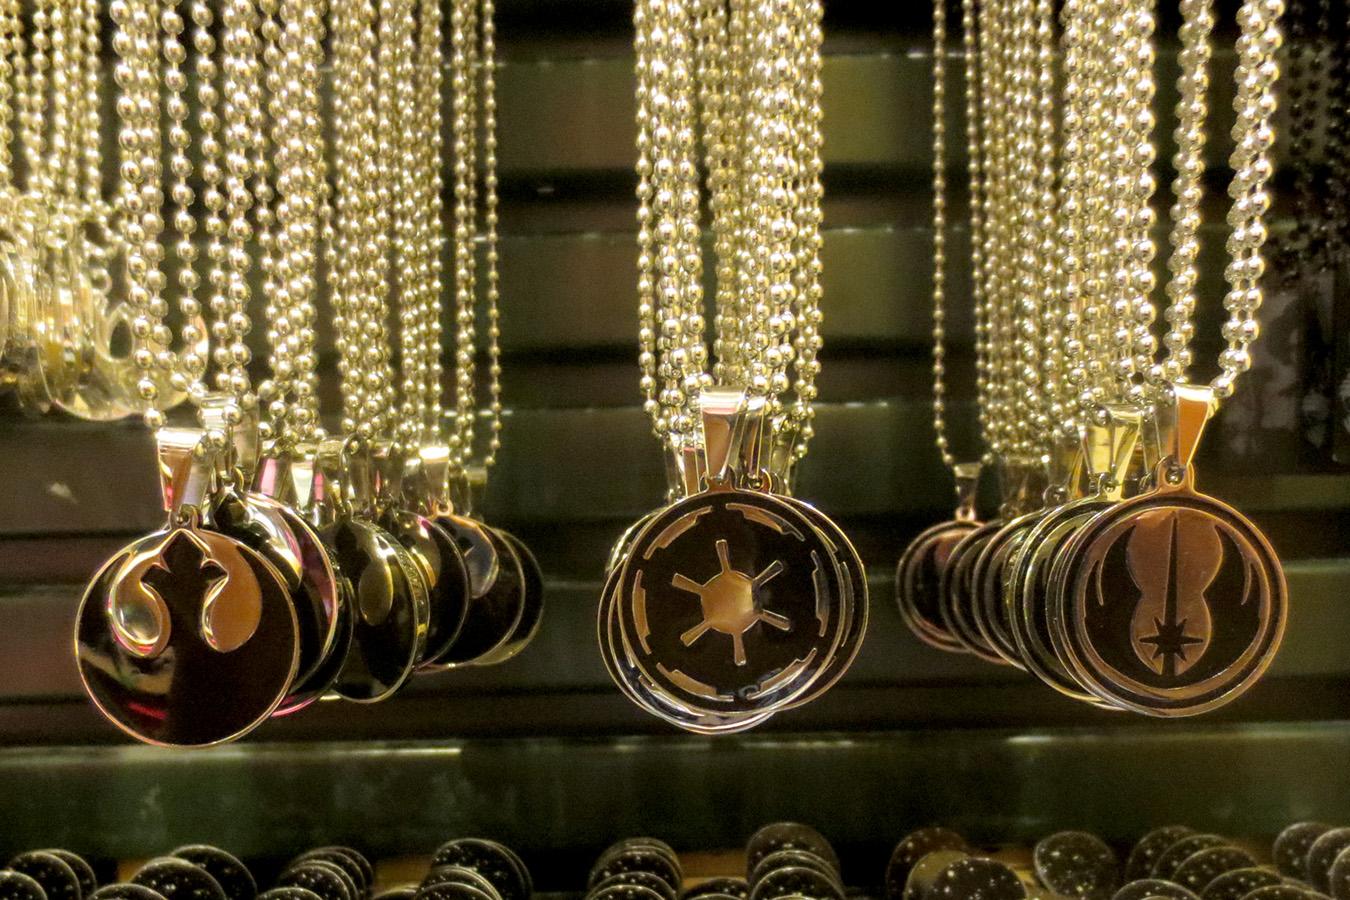 Disney x Star Wars jewelry